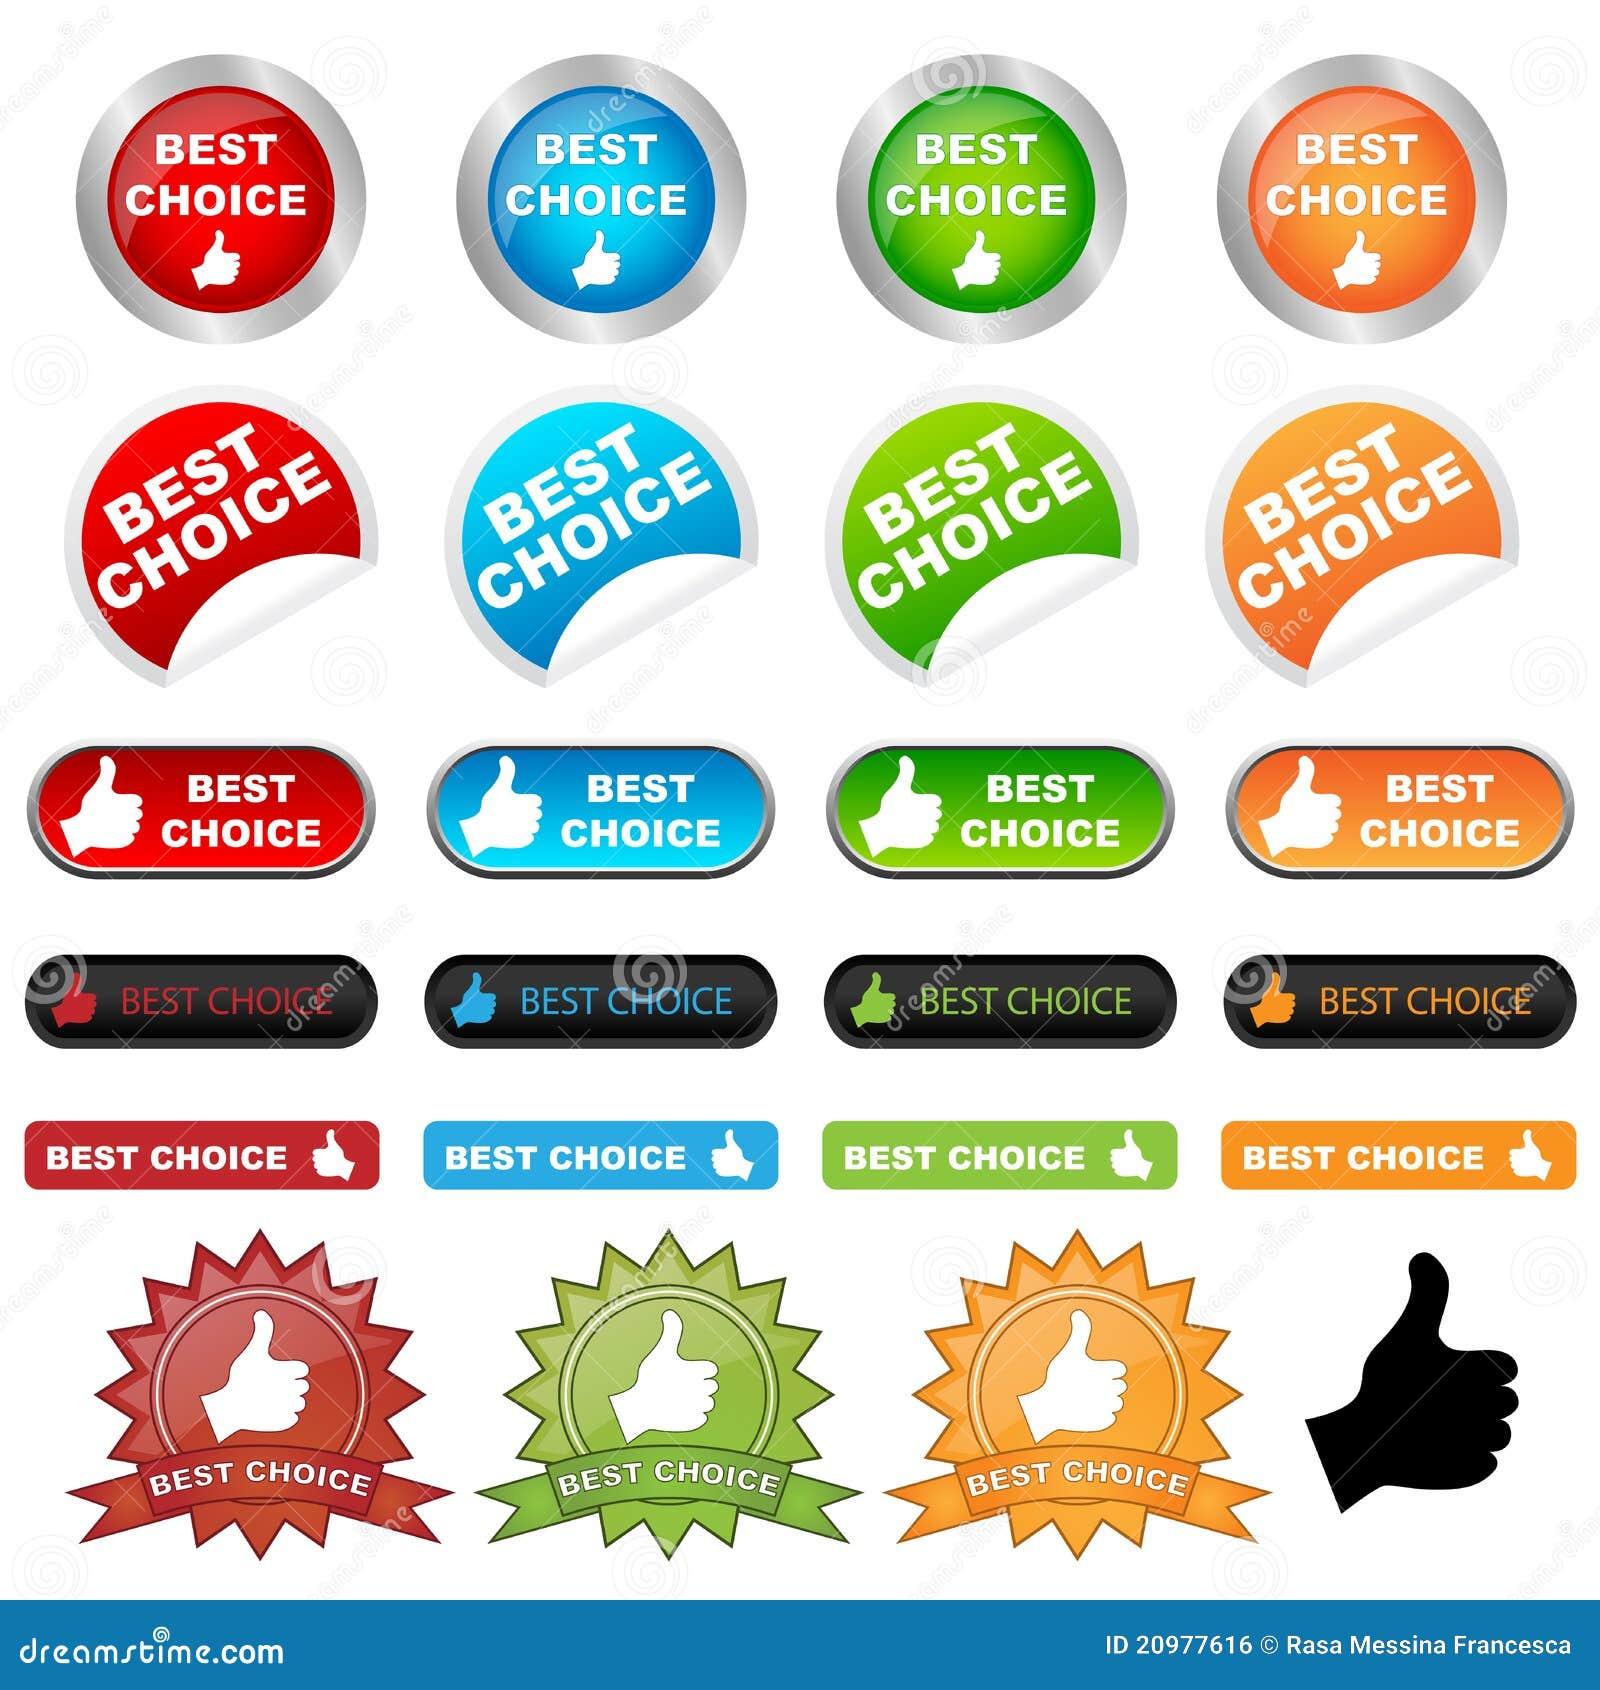 Los mejores botones bien escogidos